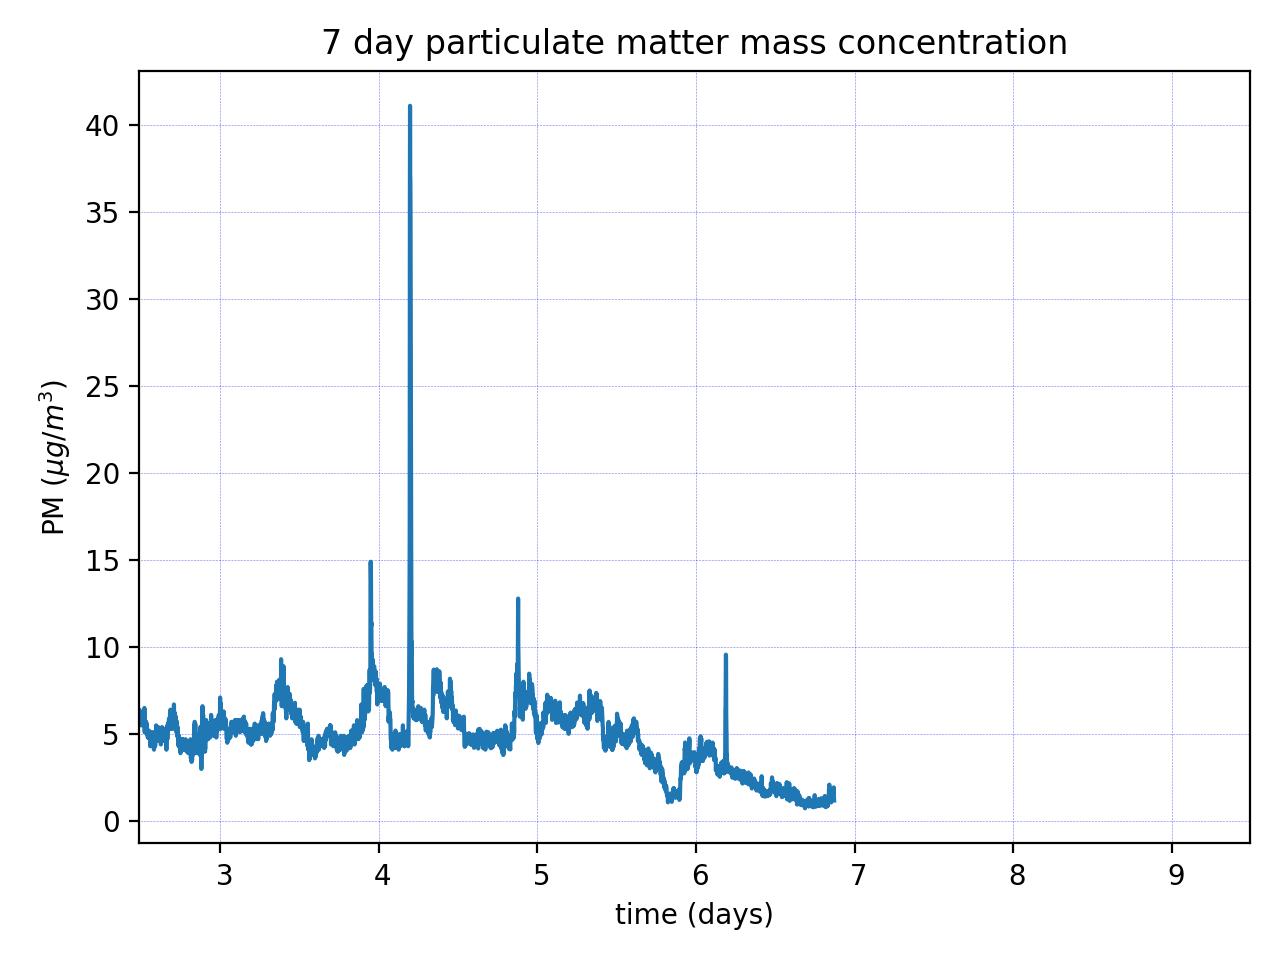 PM2.5 mass